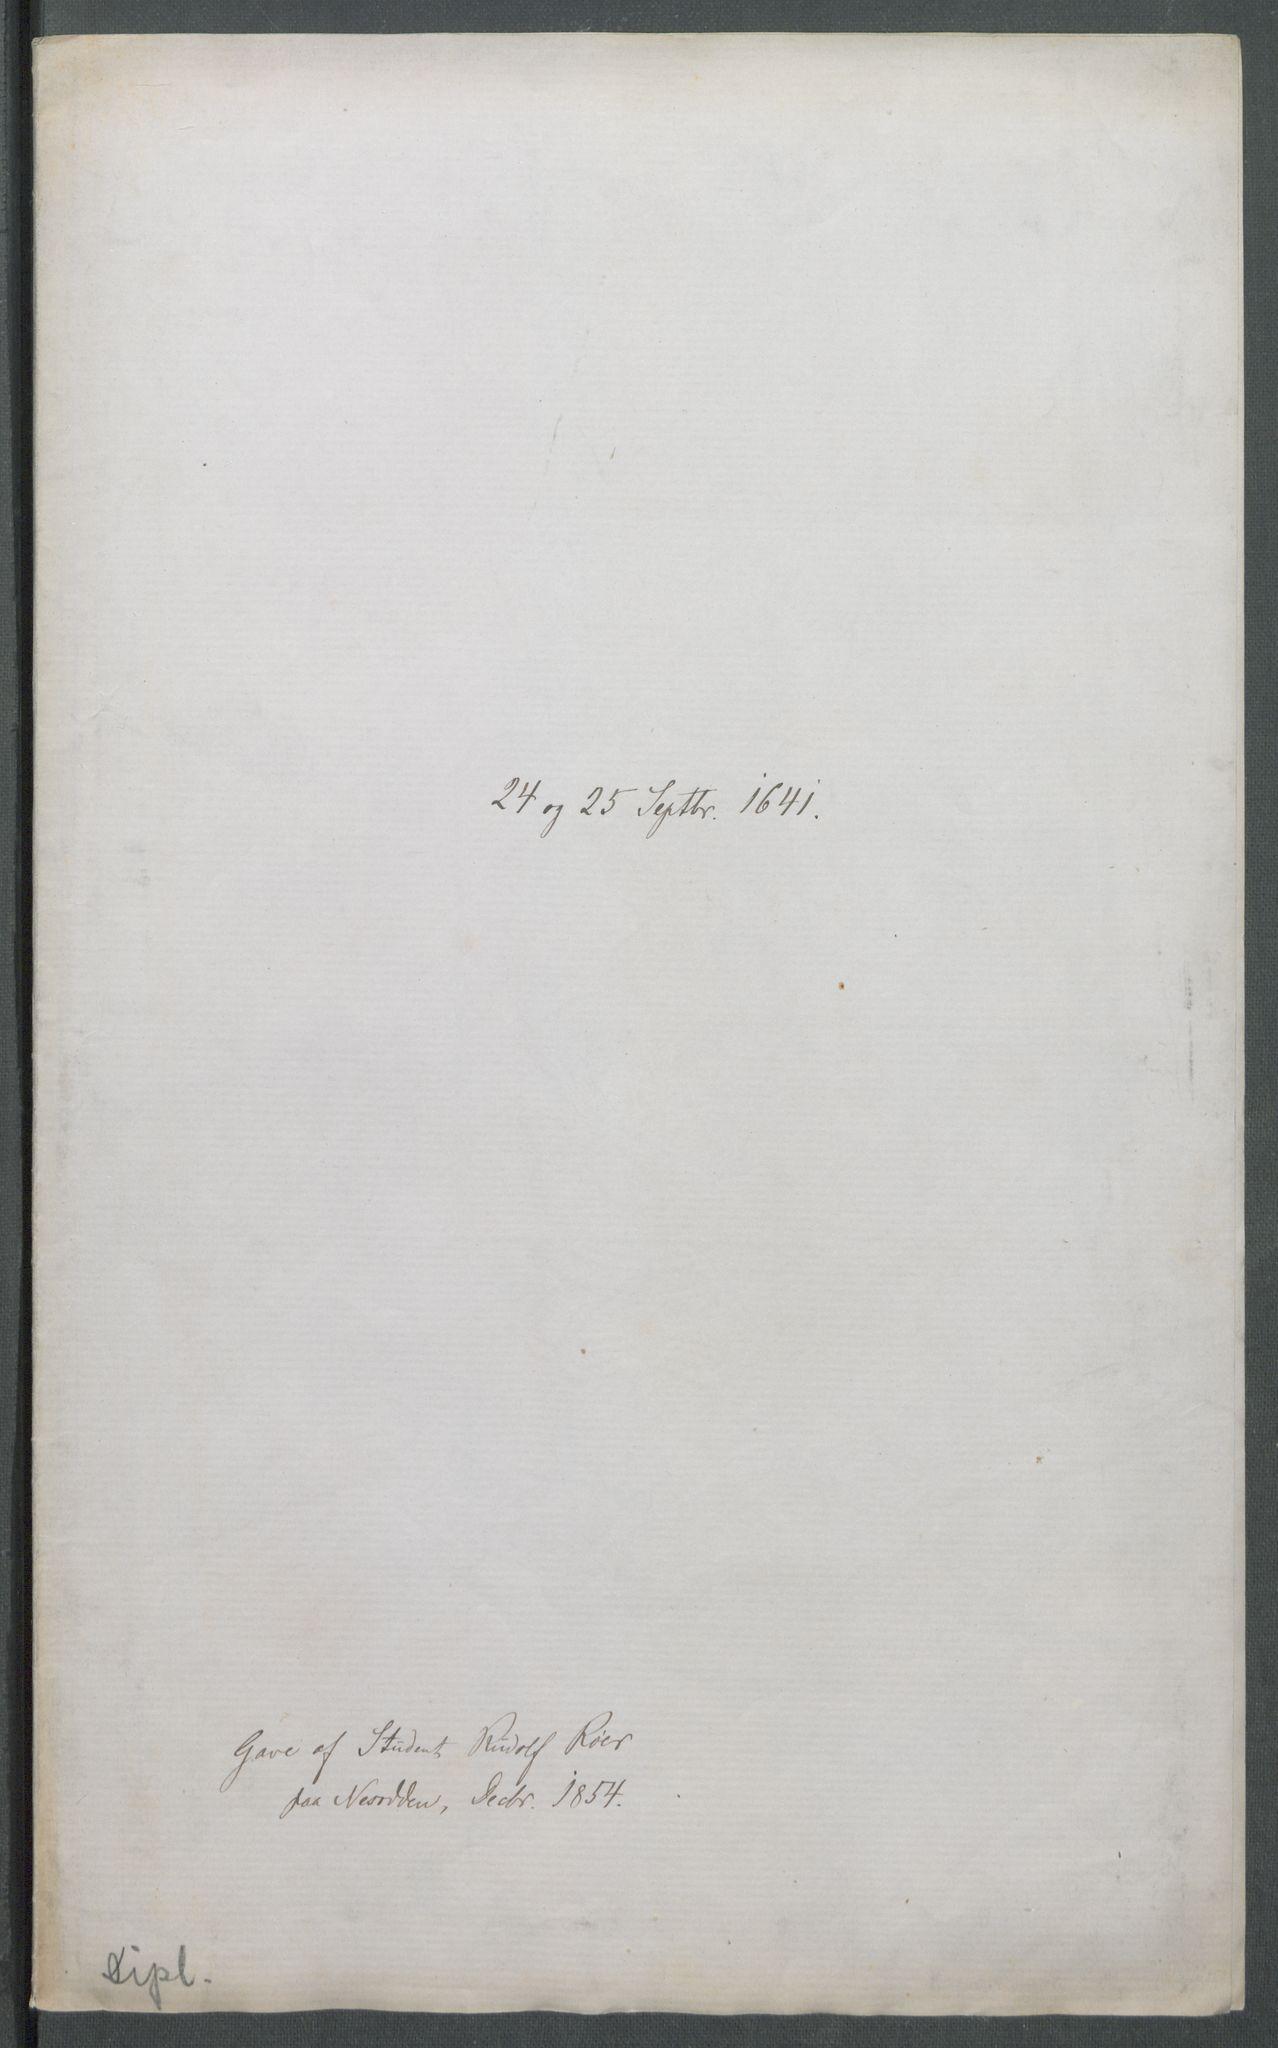 RA, Riksarkivets diplomsamling, F02/L0154: Dokumenter, 1641, s. 42